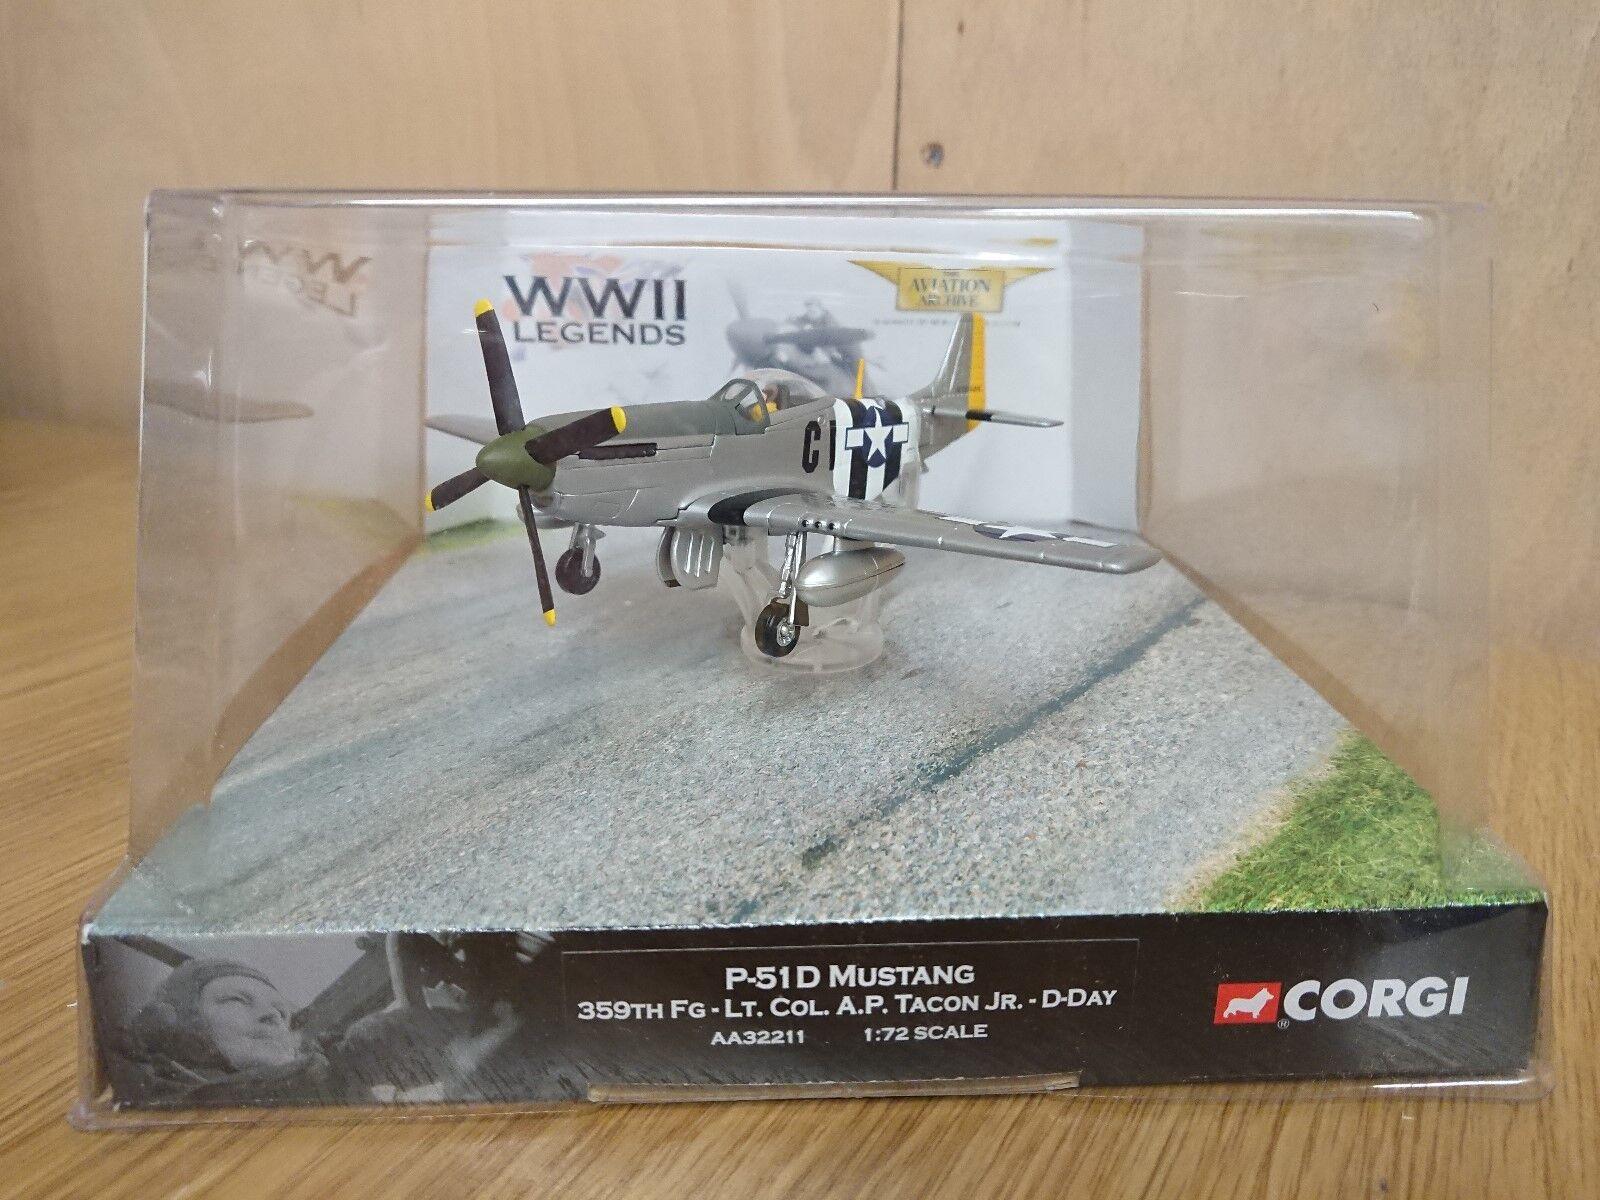 Corgi aa32211 des zweiten weltkriegs legenden p-51d mustang 359th fg oberstleutnant a.p. tacon jr. d - day